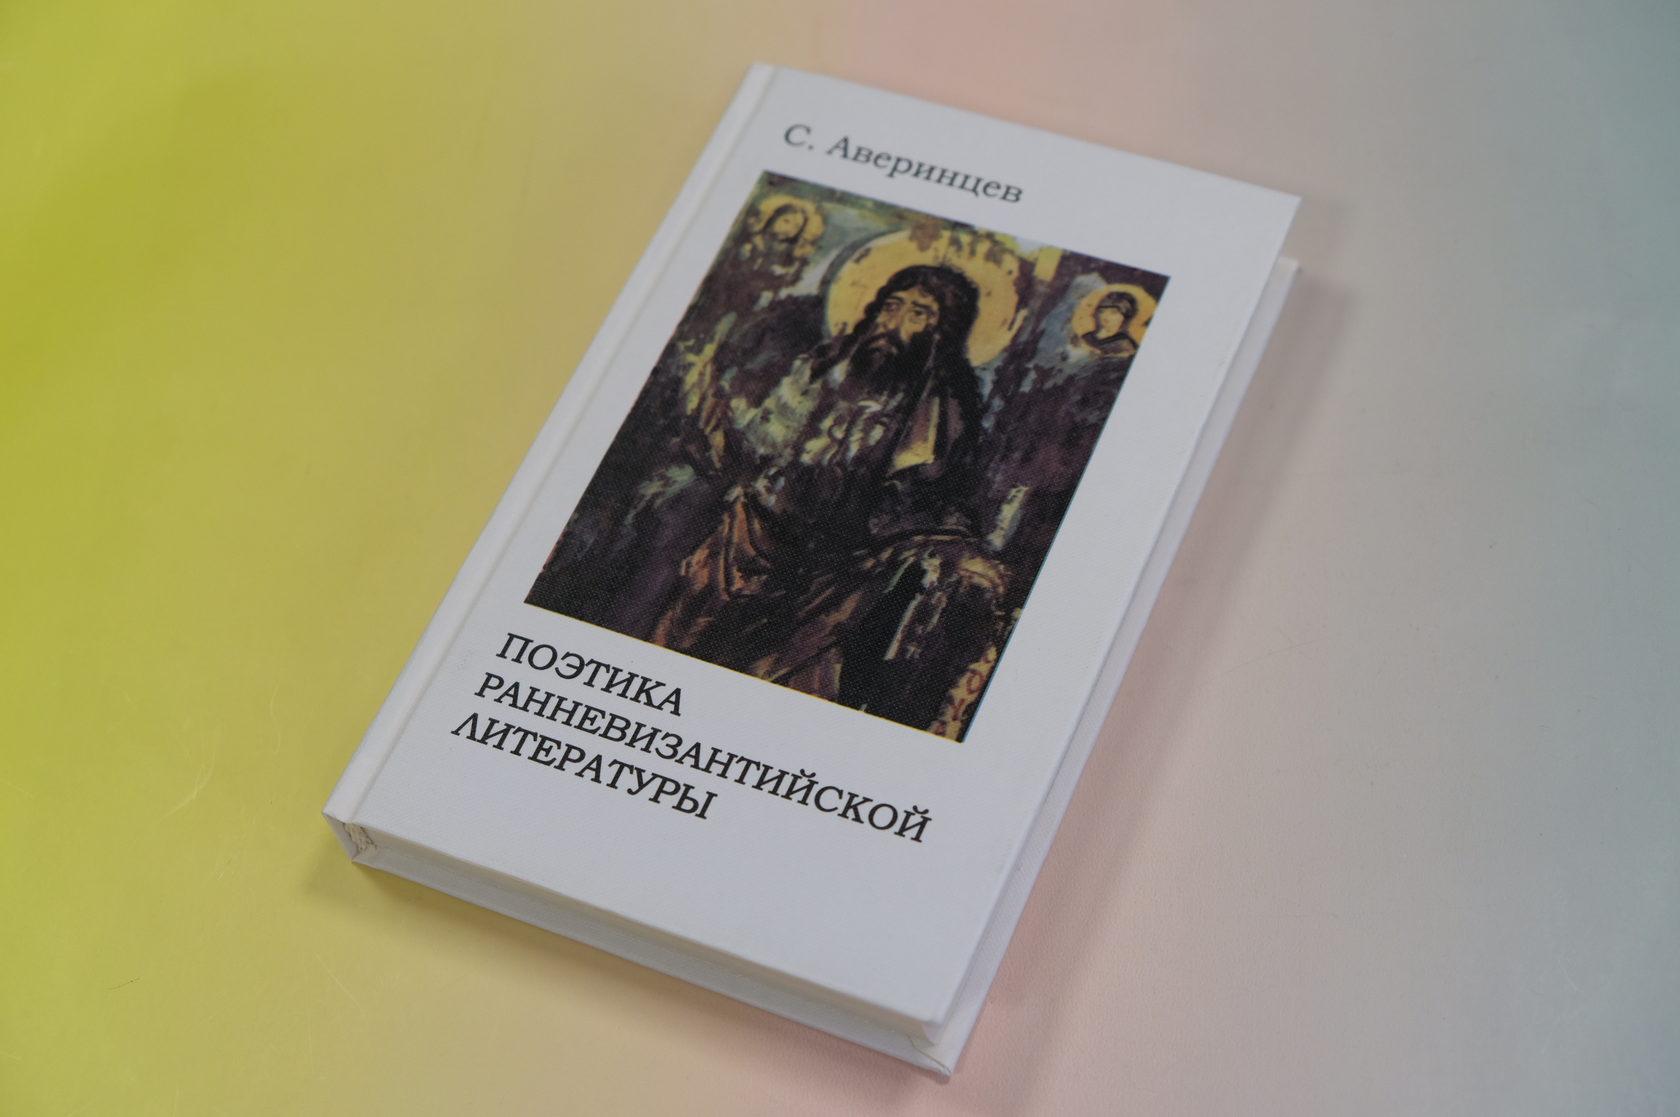 Сергей Аверинцев «Поэтика ранневизантийской литературы»